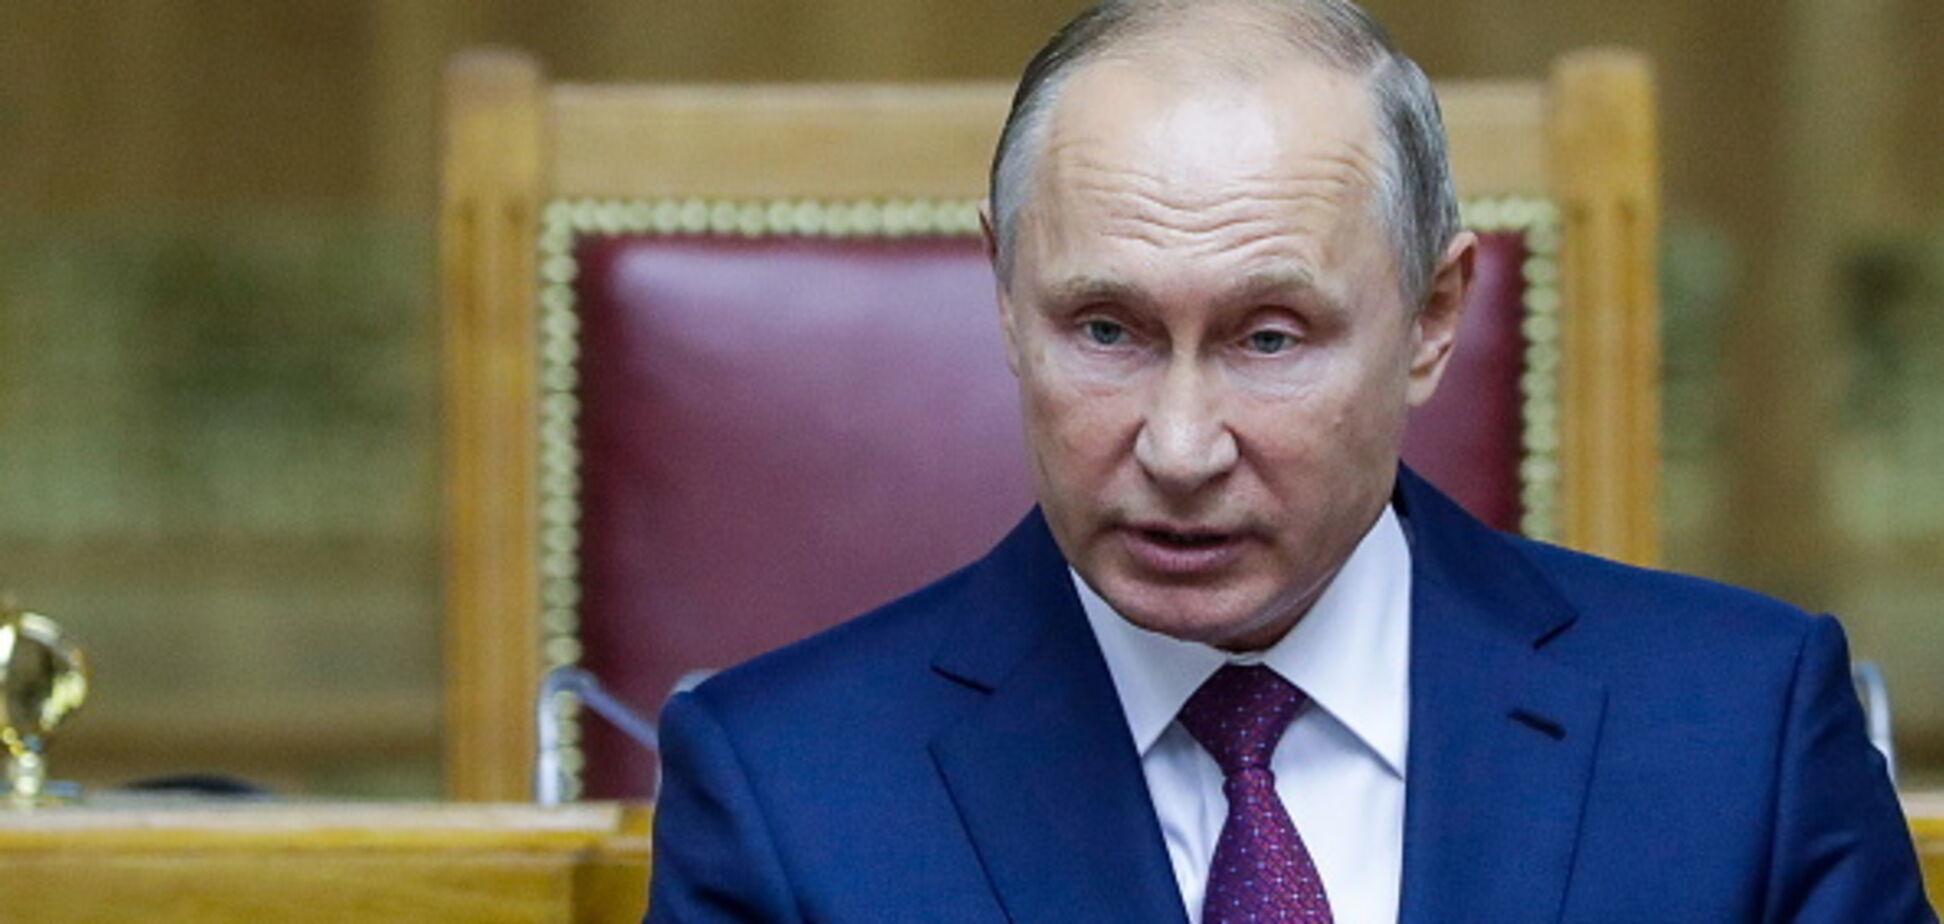 Путин устраивает с Украиной 'развод века' - The Washington Post